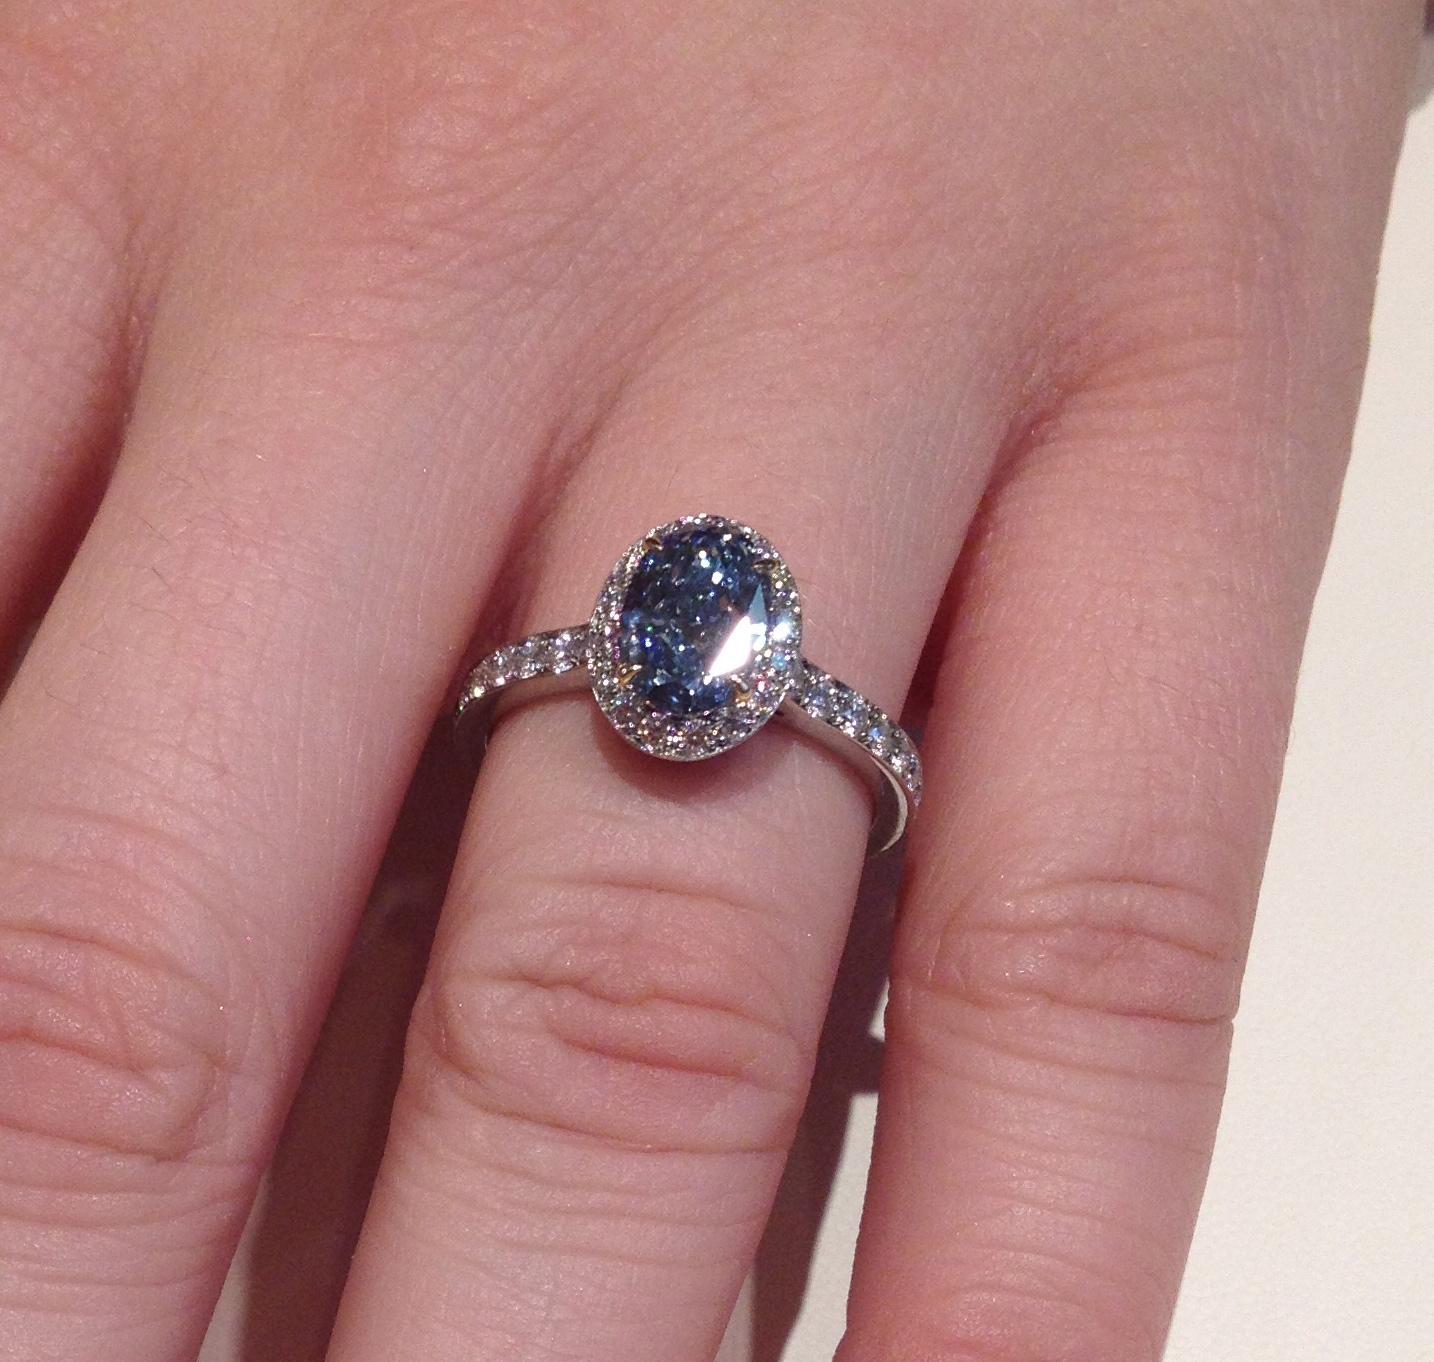 Hands Jewelers | Since 1854 : 109 E. Washington St. Iowa City, IA 52240